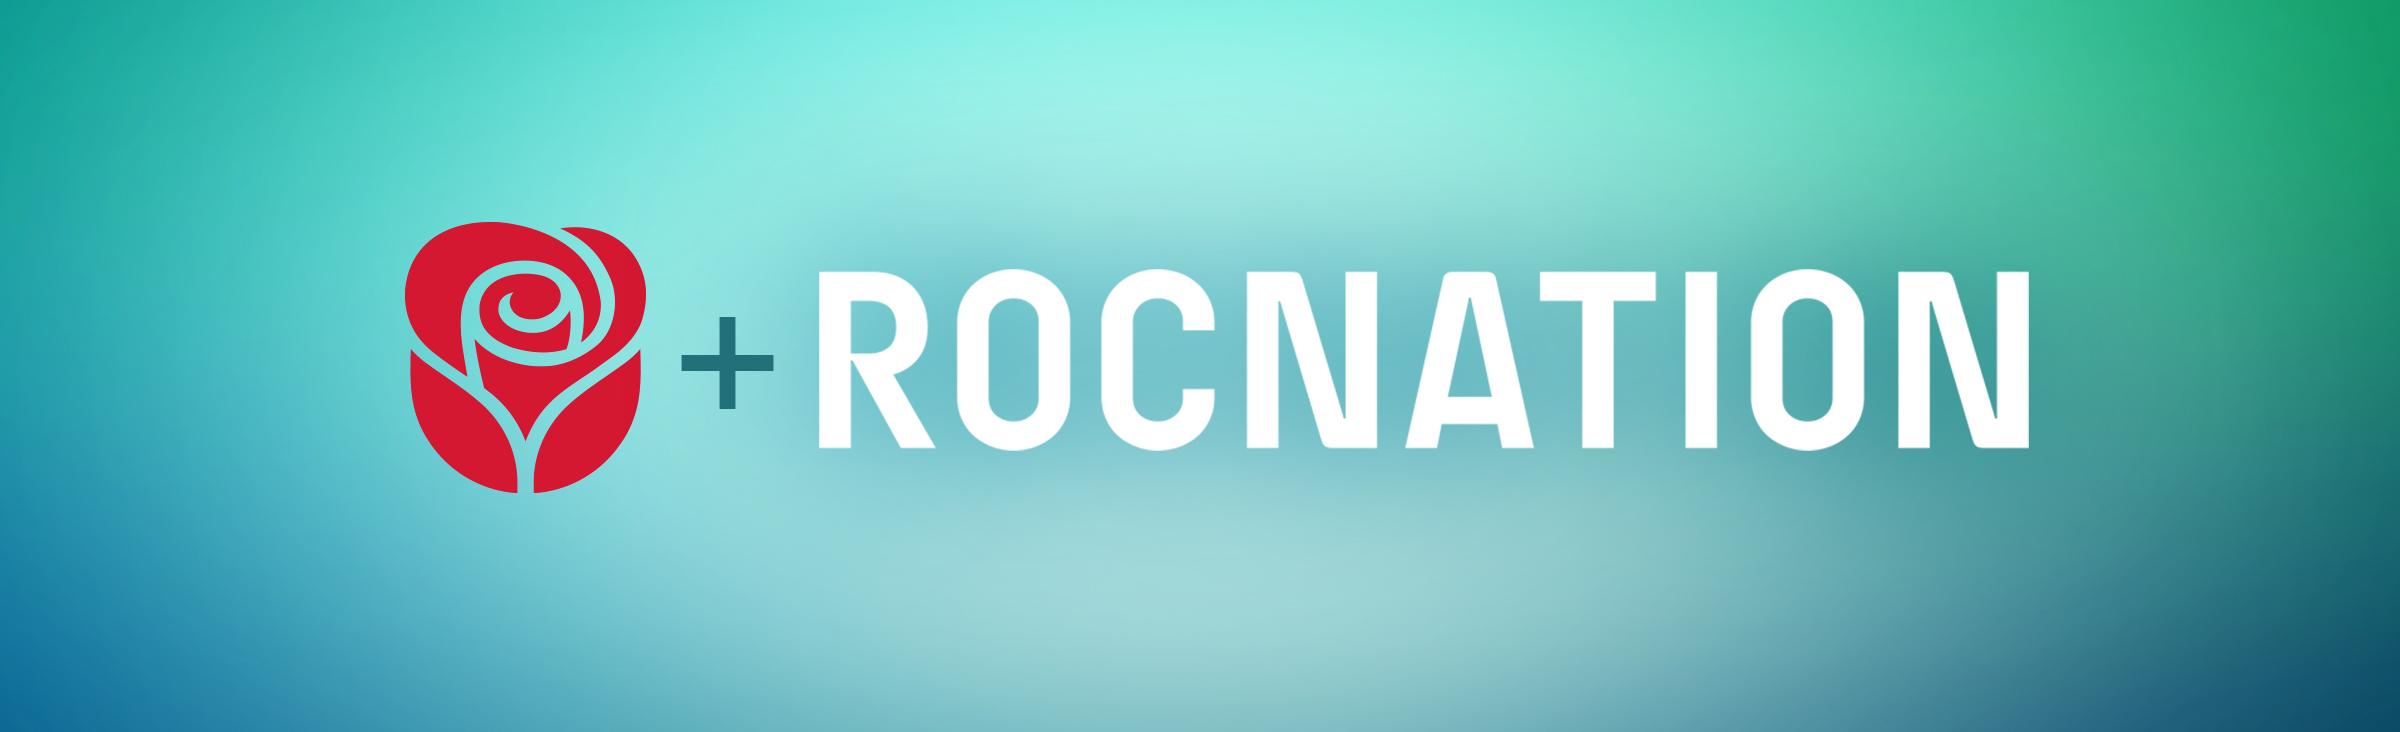 Roc Nation Banner